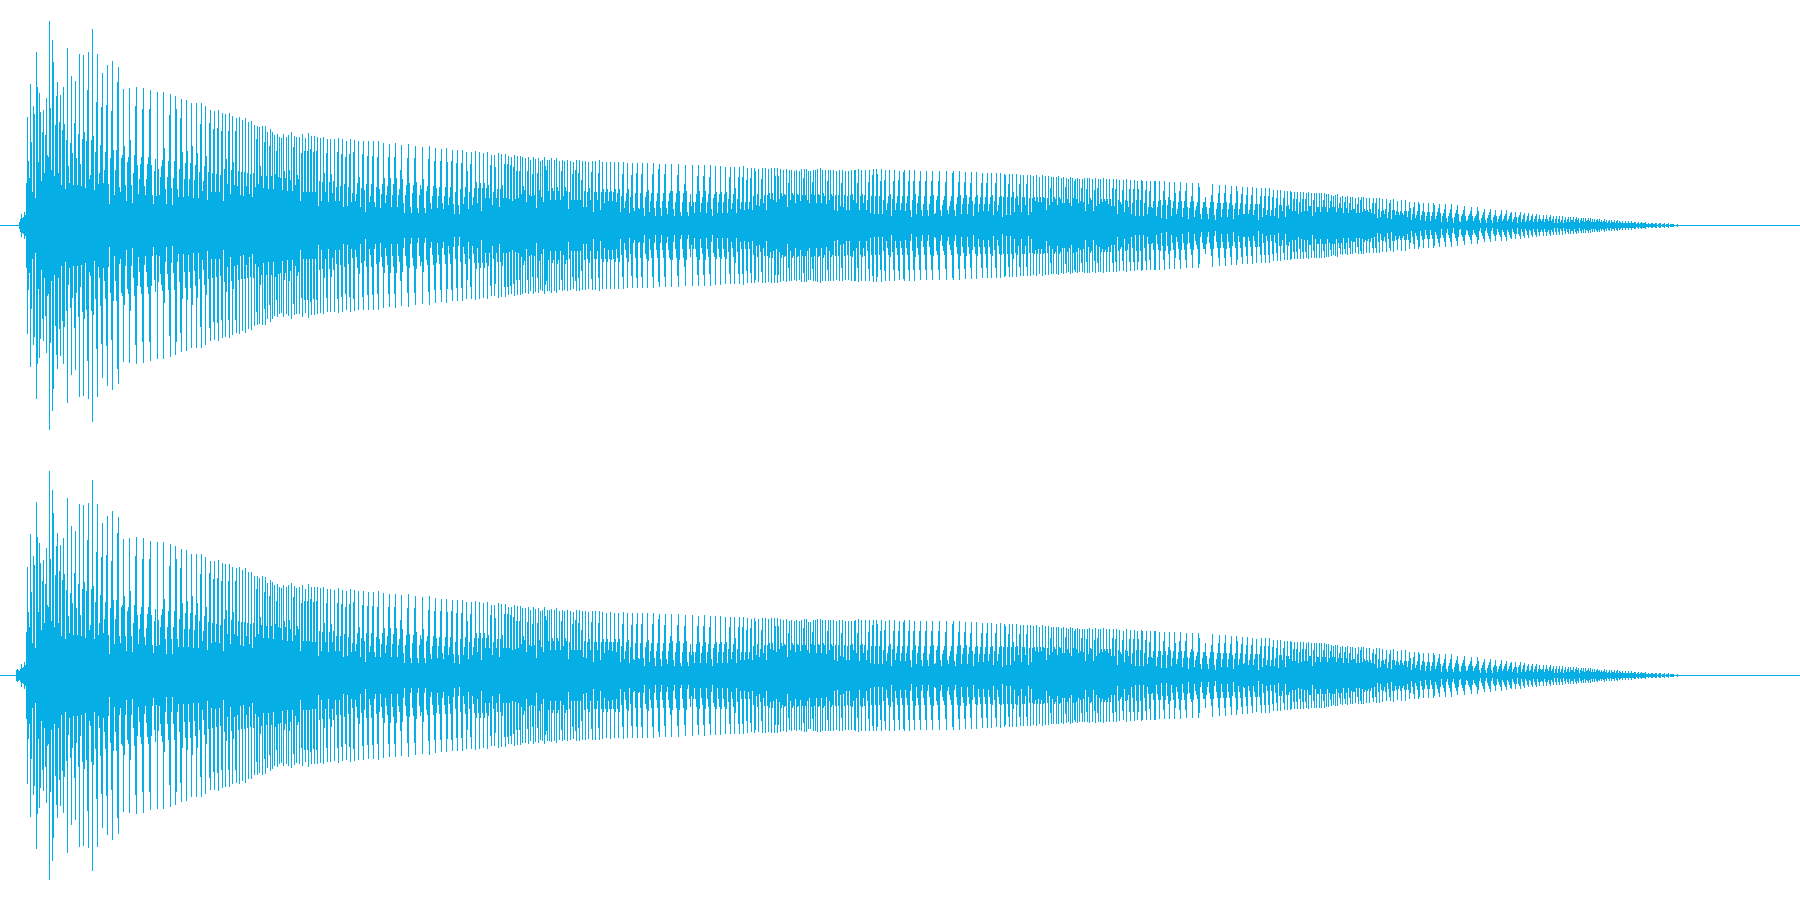 ビヨヨヨョ〜ン(伸縮するコミカルな音)の再生済みの波形